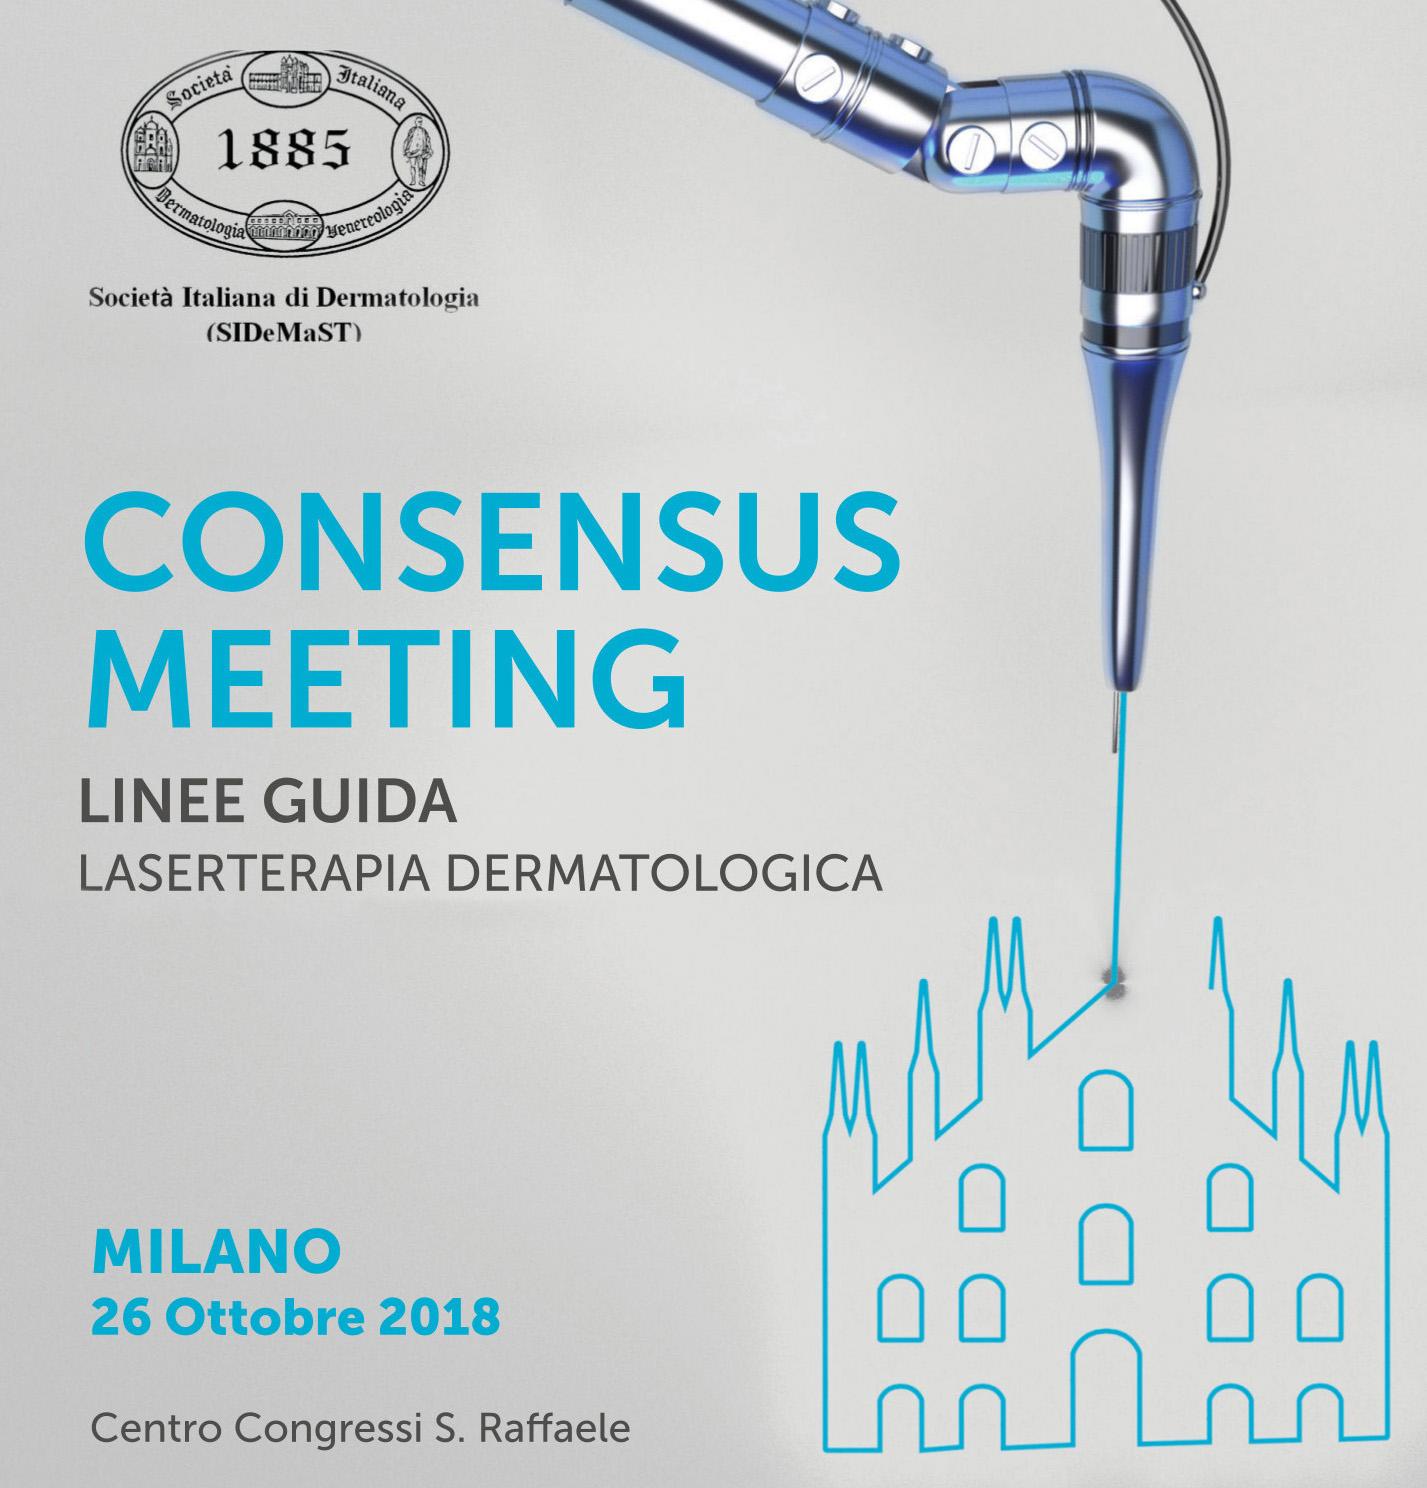 Consensus Meeting in Laserterapia